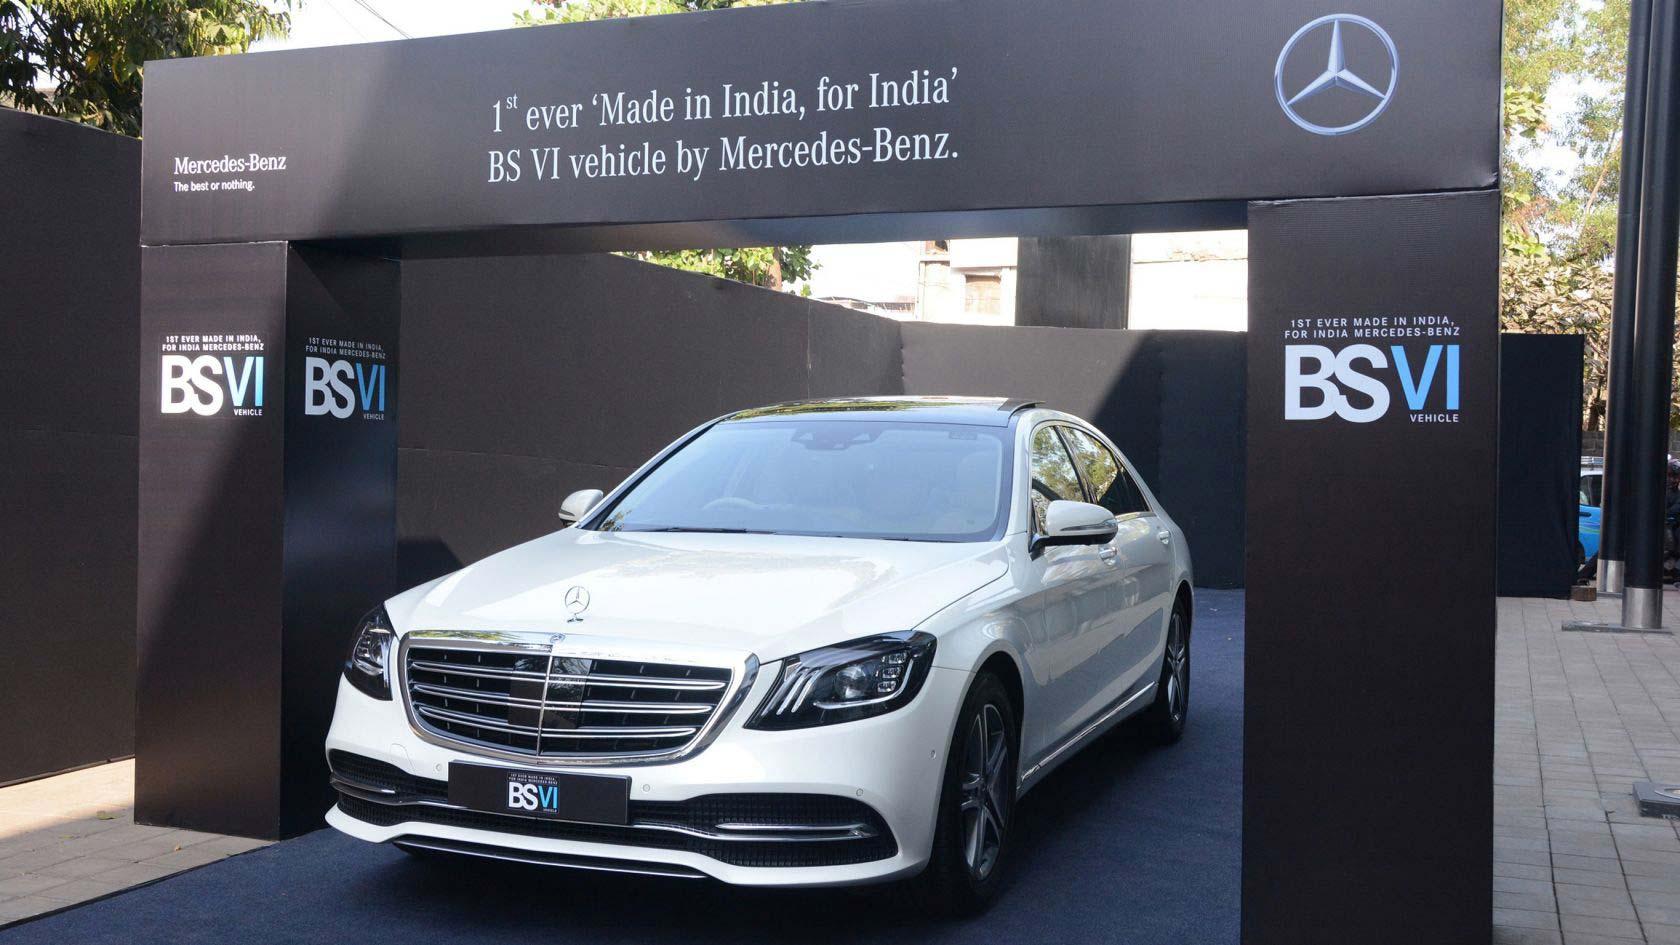 Mercedes-Benz-India-BS-VI-Vehicle-S-350-d